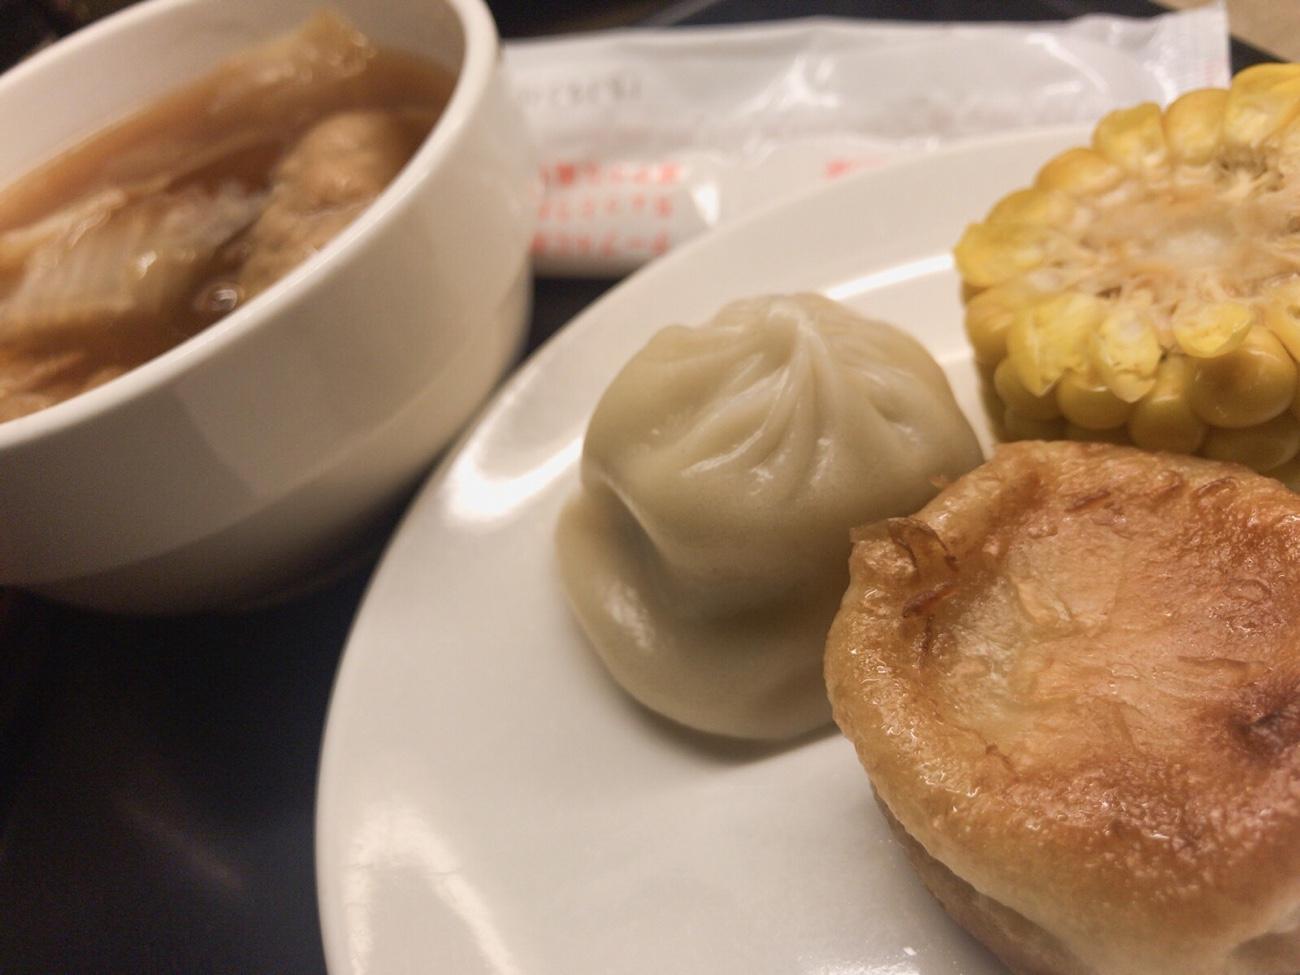 小籠包食べ放題 台北松山空港のVIPラウンジ ANA